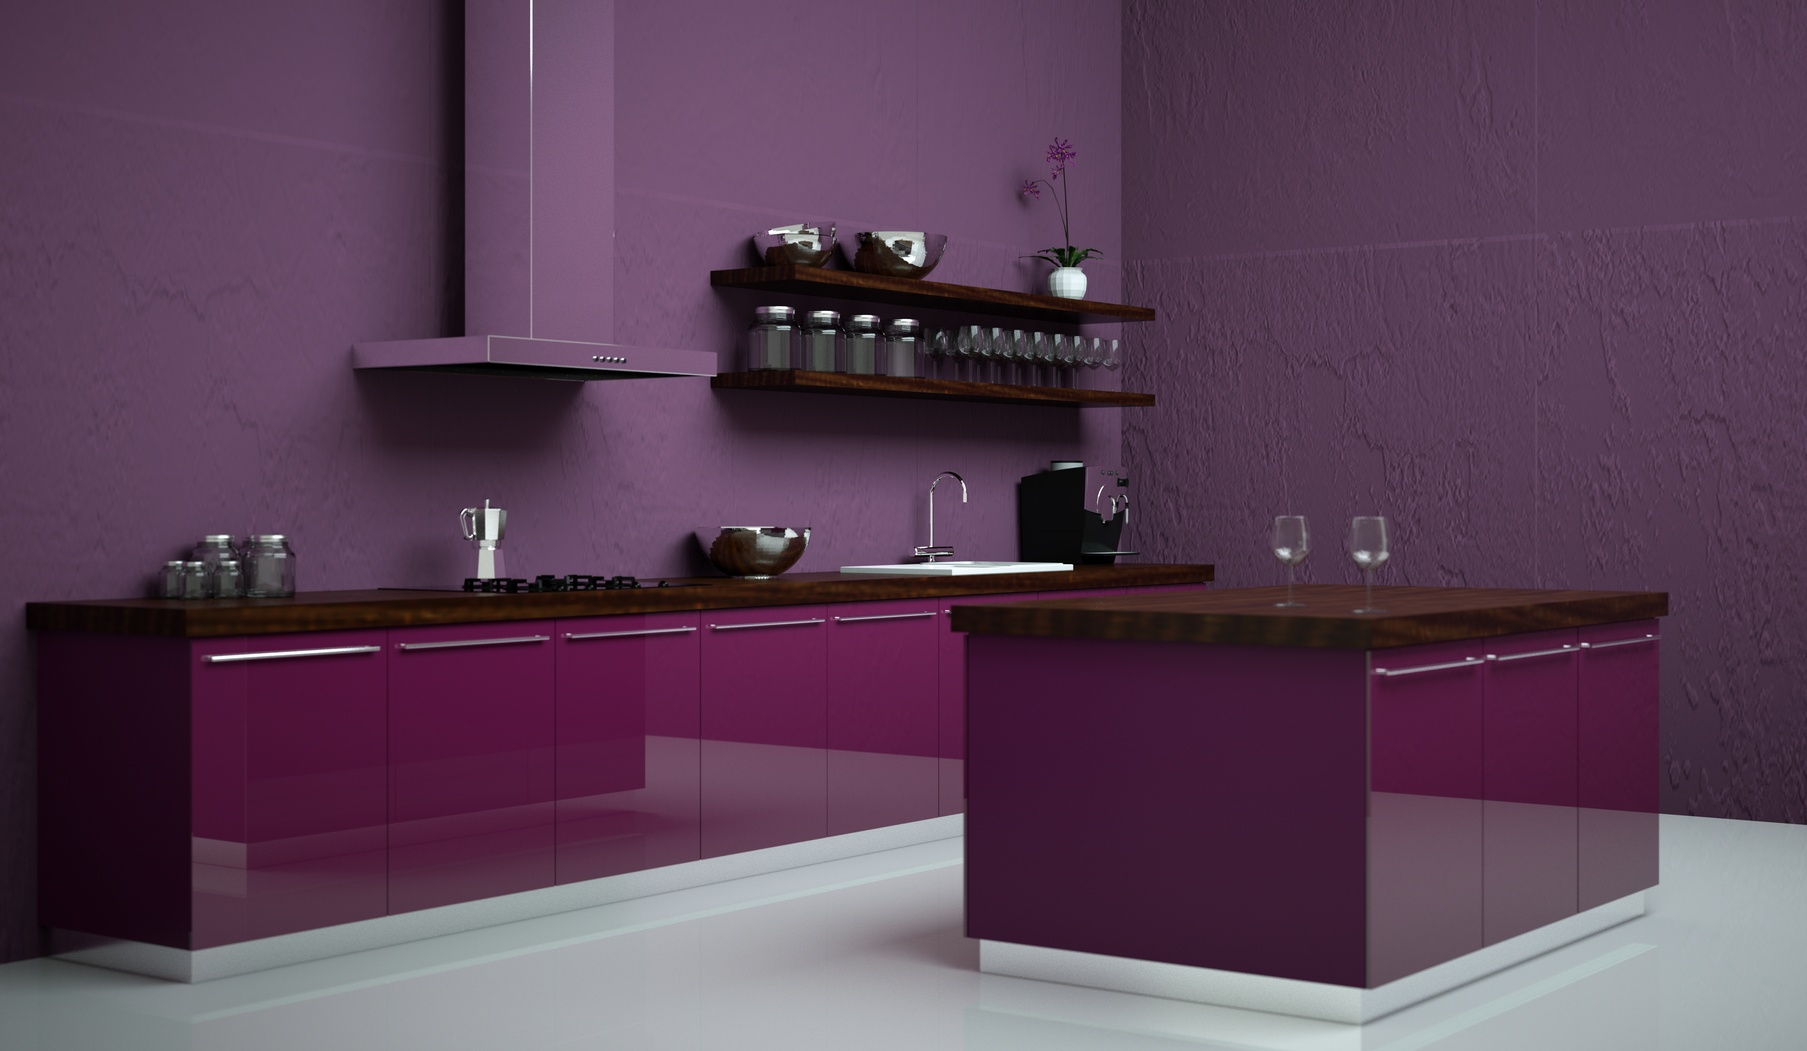 Moderní fialová lesklá kuchyně s ostrůvkem.